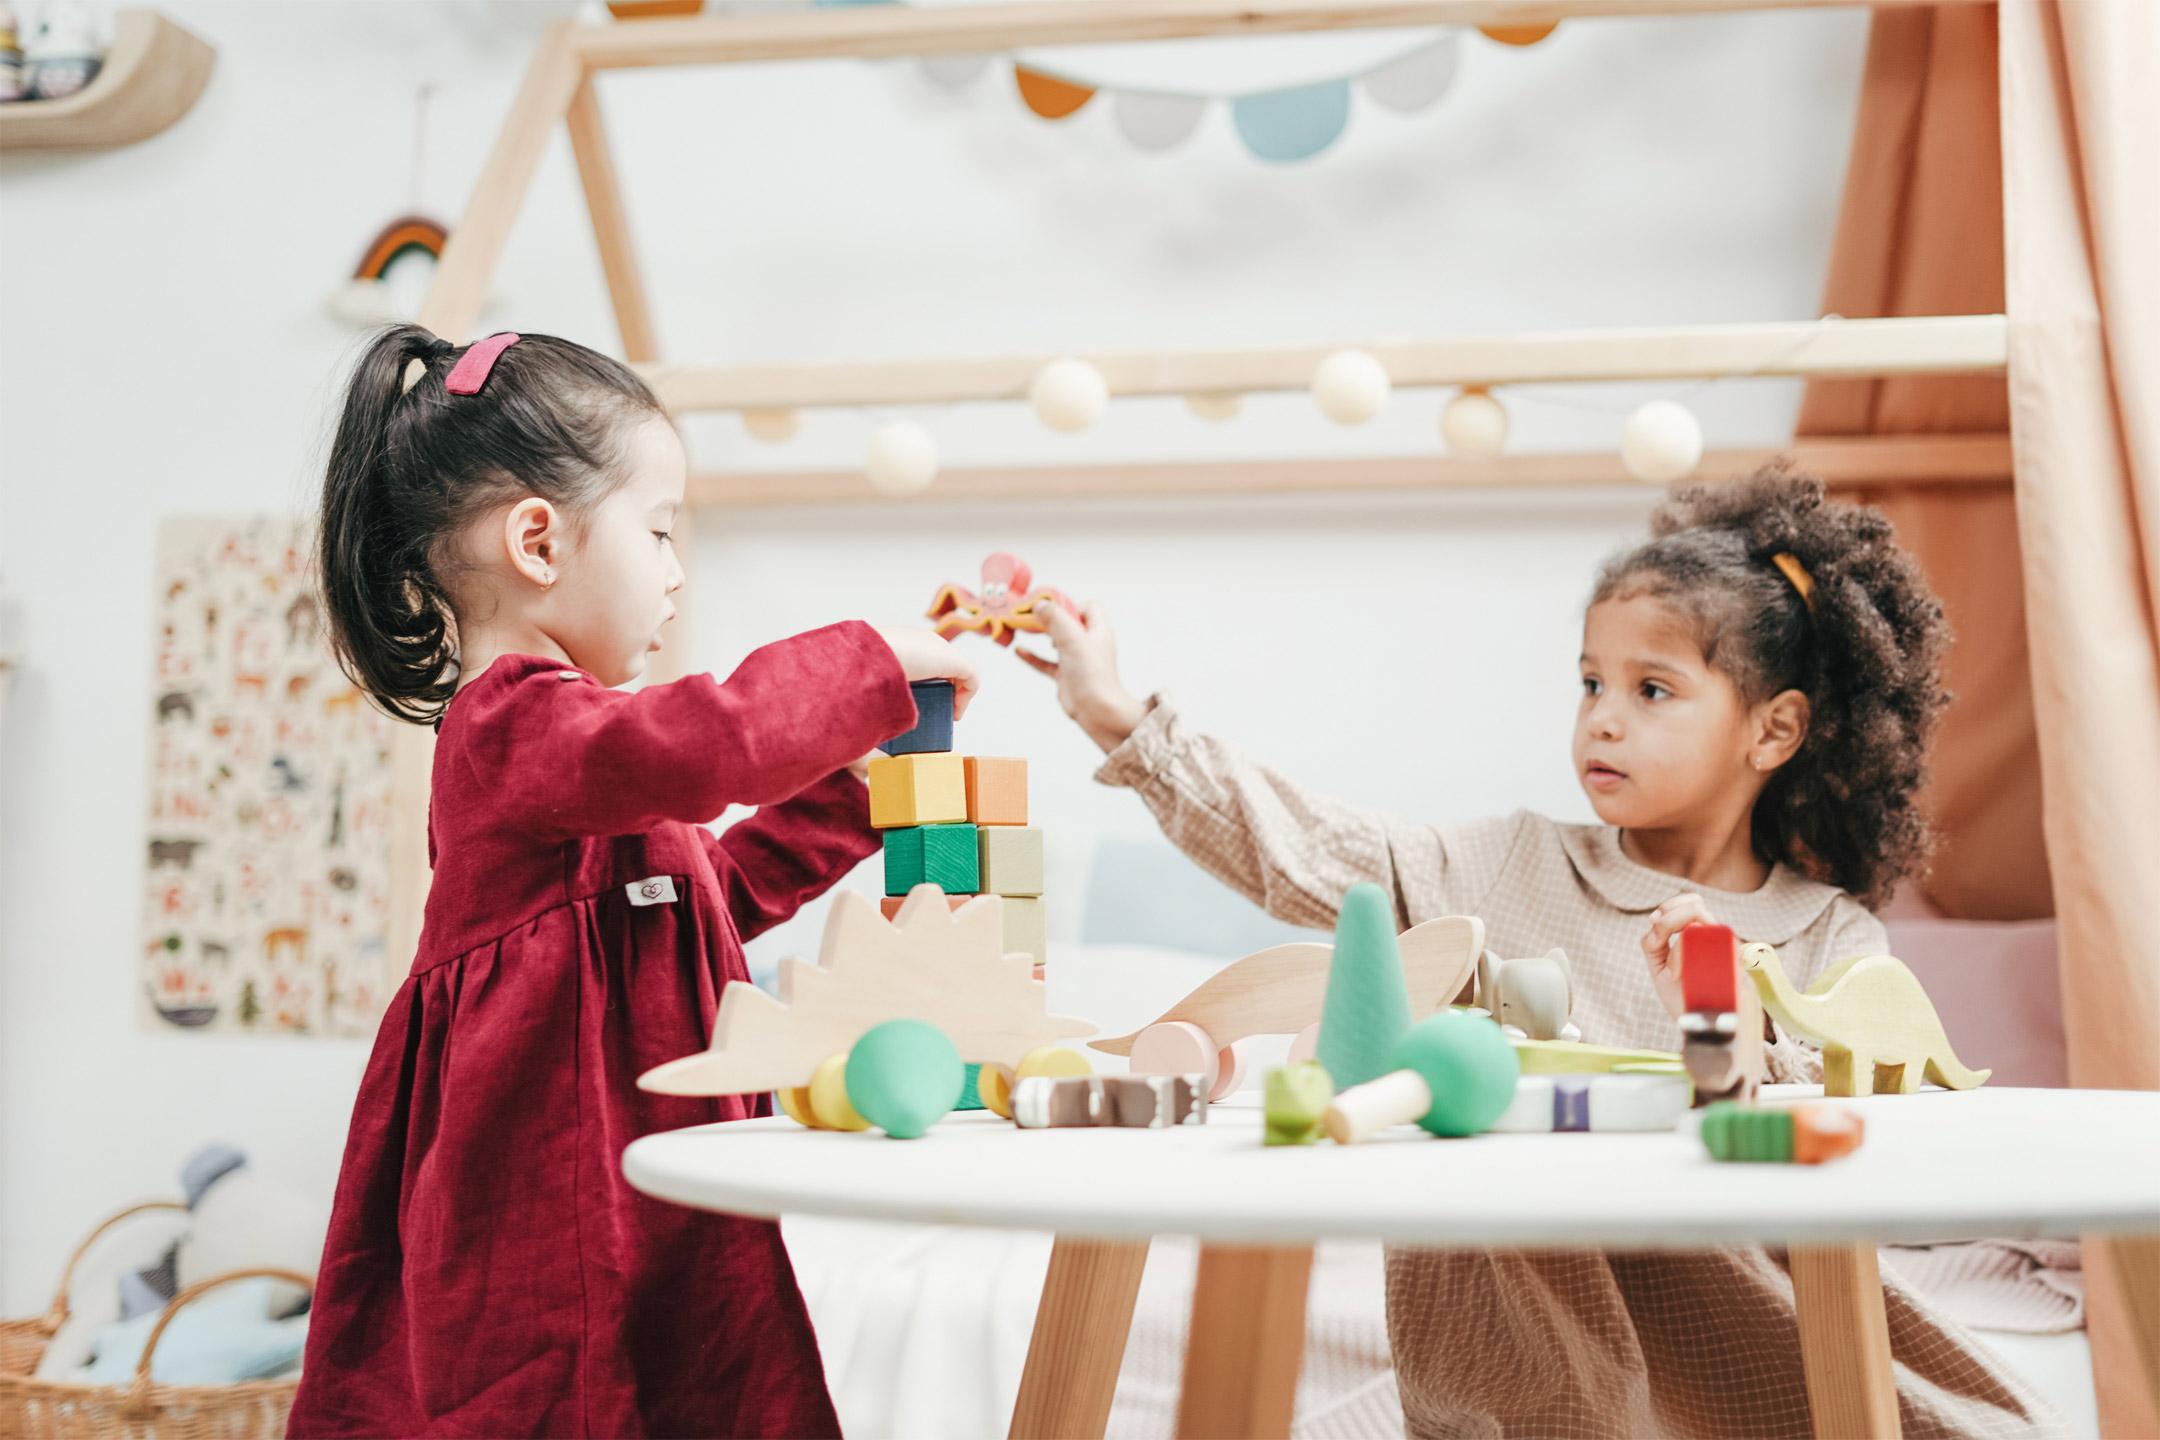 girls-playing-wooden-blocks2160